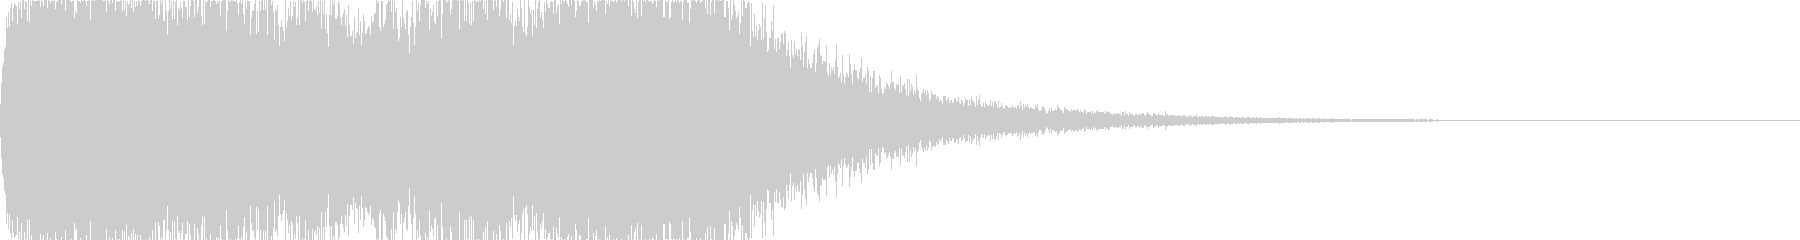 重厚感のあるファンファーレ03の未再生の波形